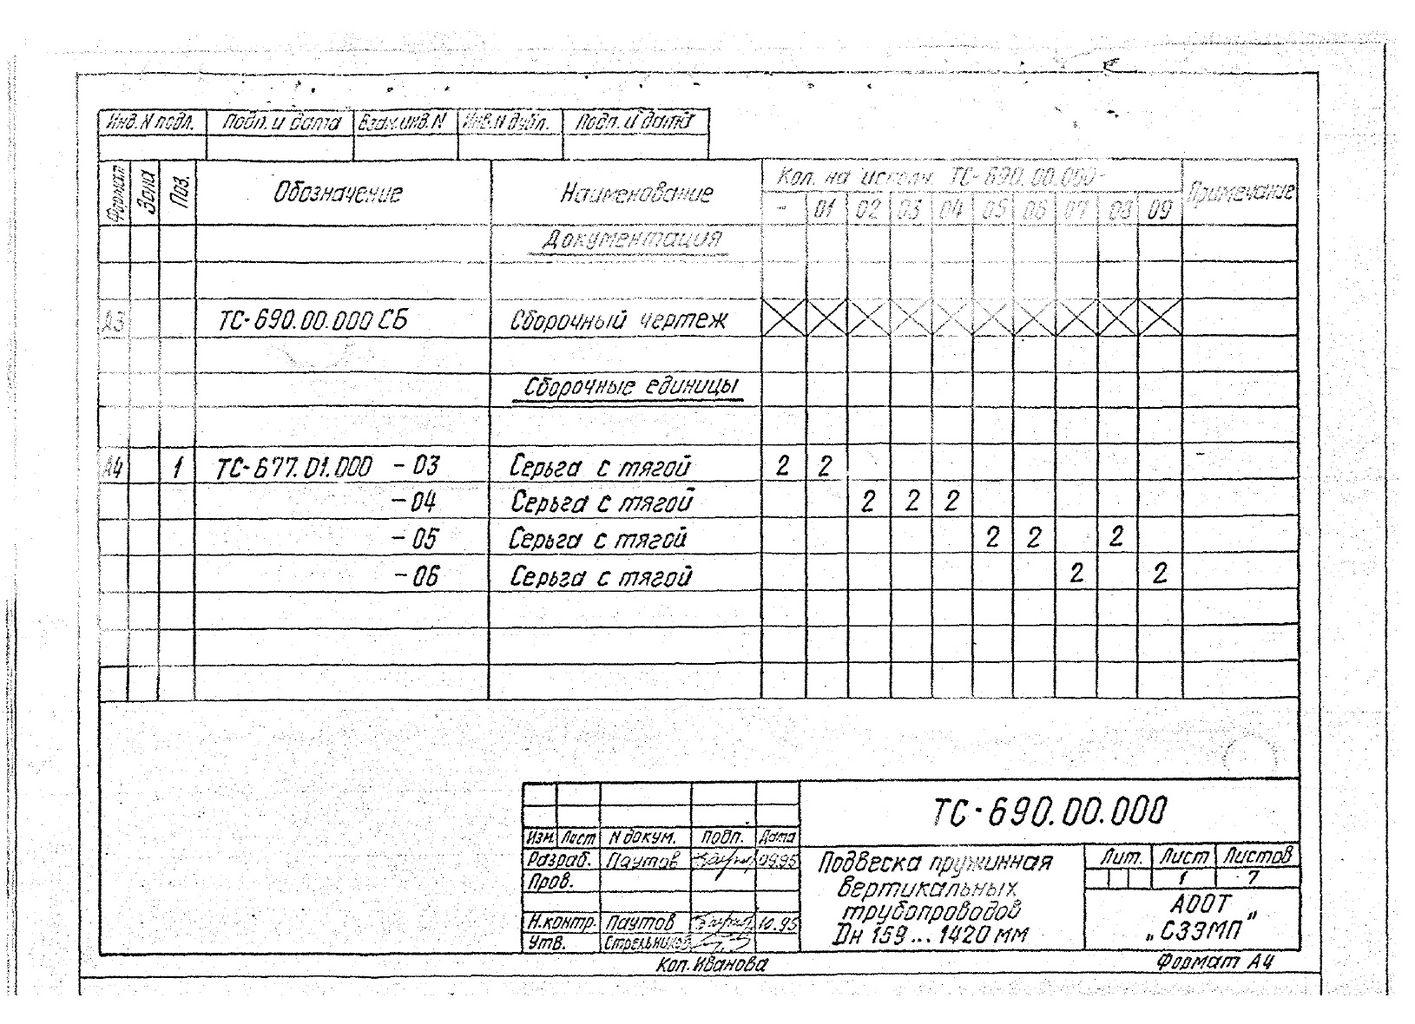 Подвески пружинные для вертикальных трубопроводов Дн 159-1420 мм ТС-690.00.000 СБ серия 5.903-13 выпуск 6-95 стр.4